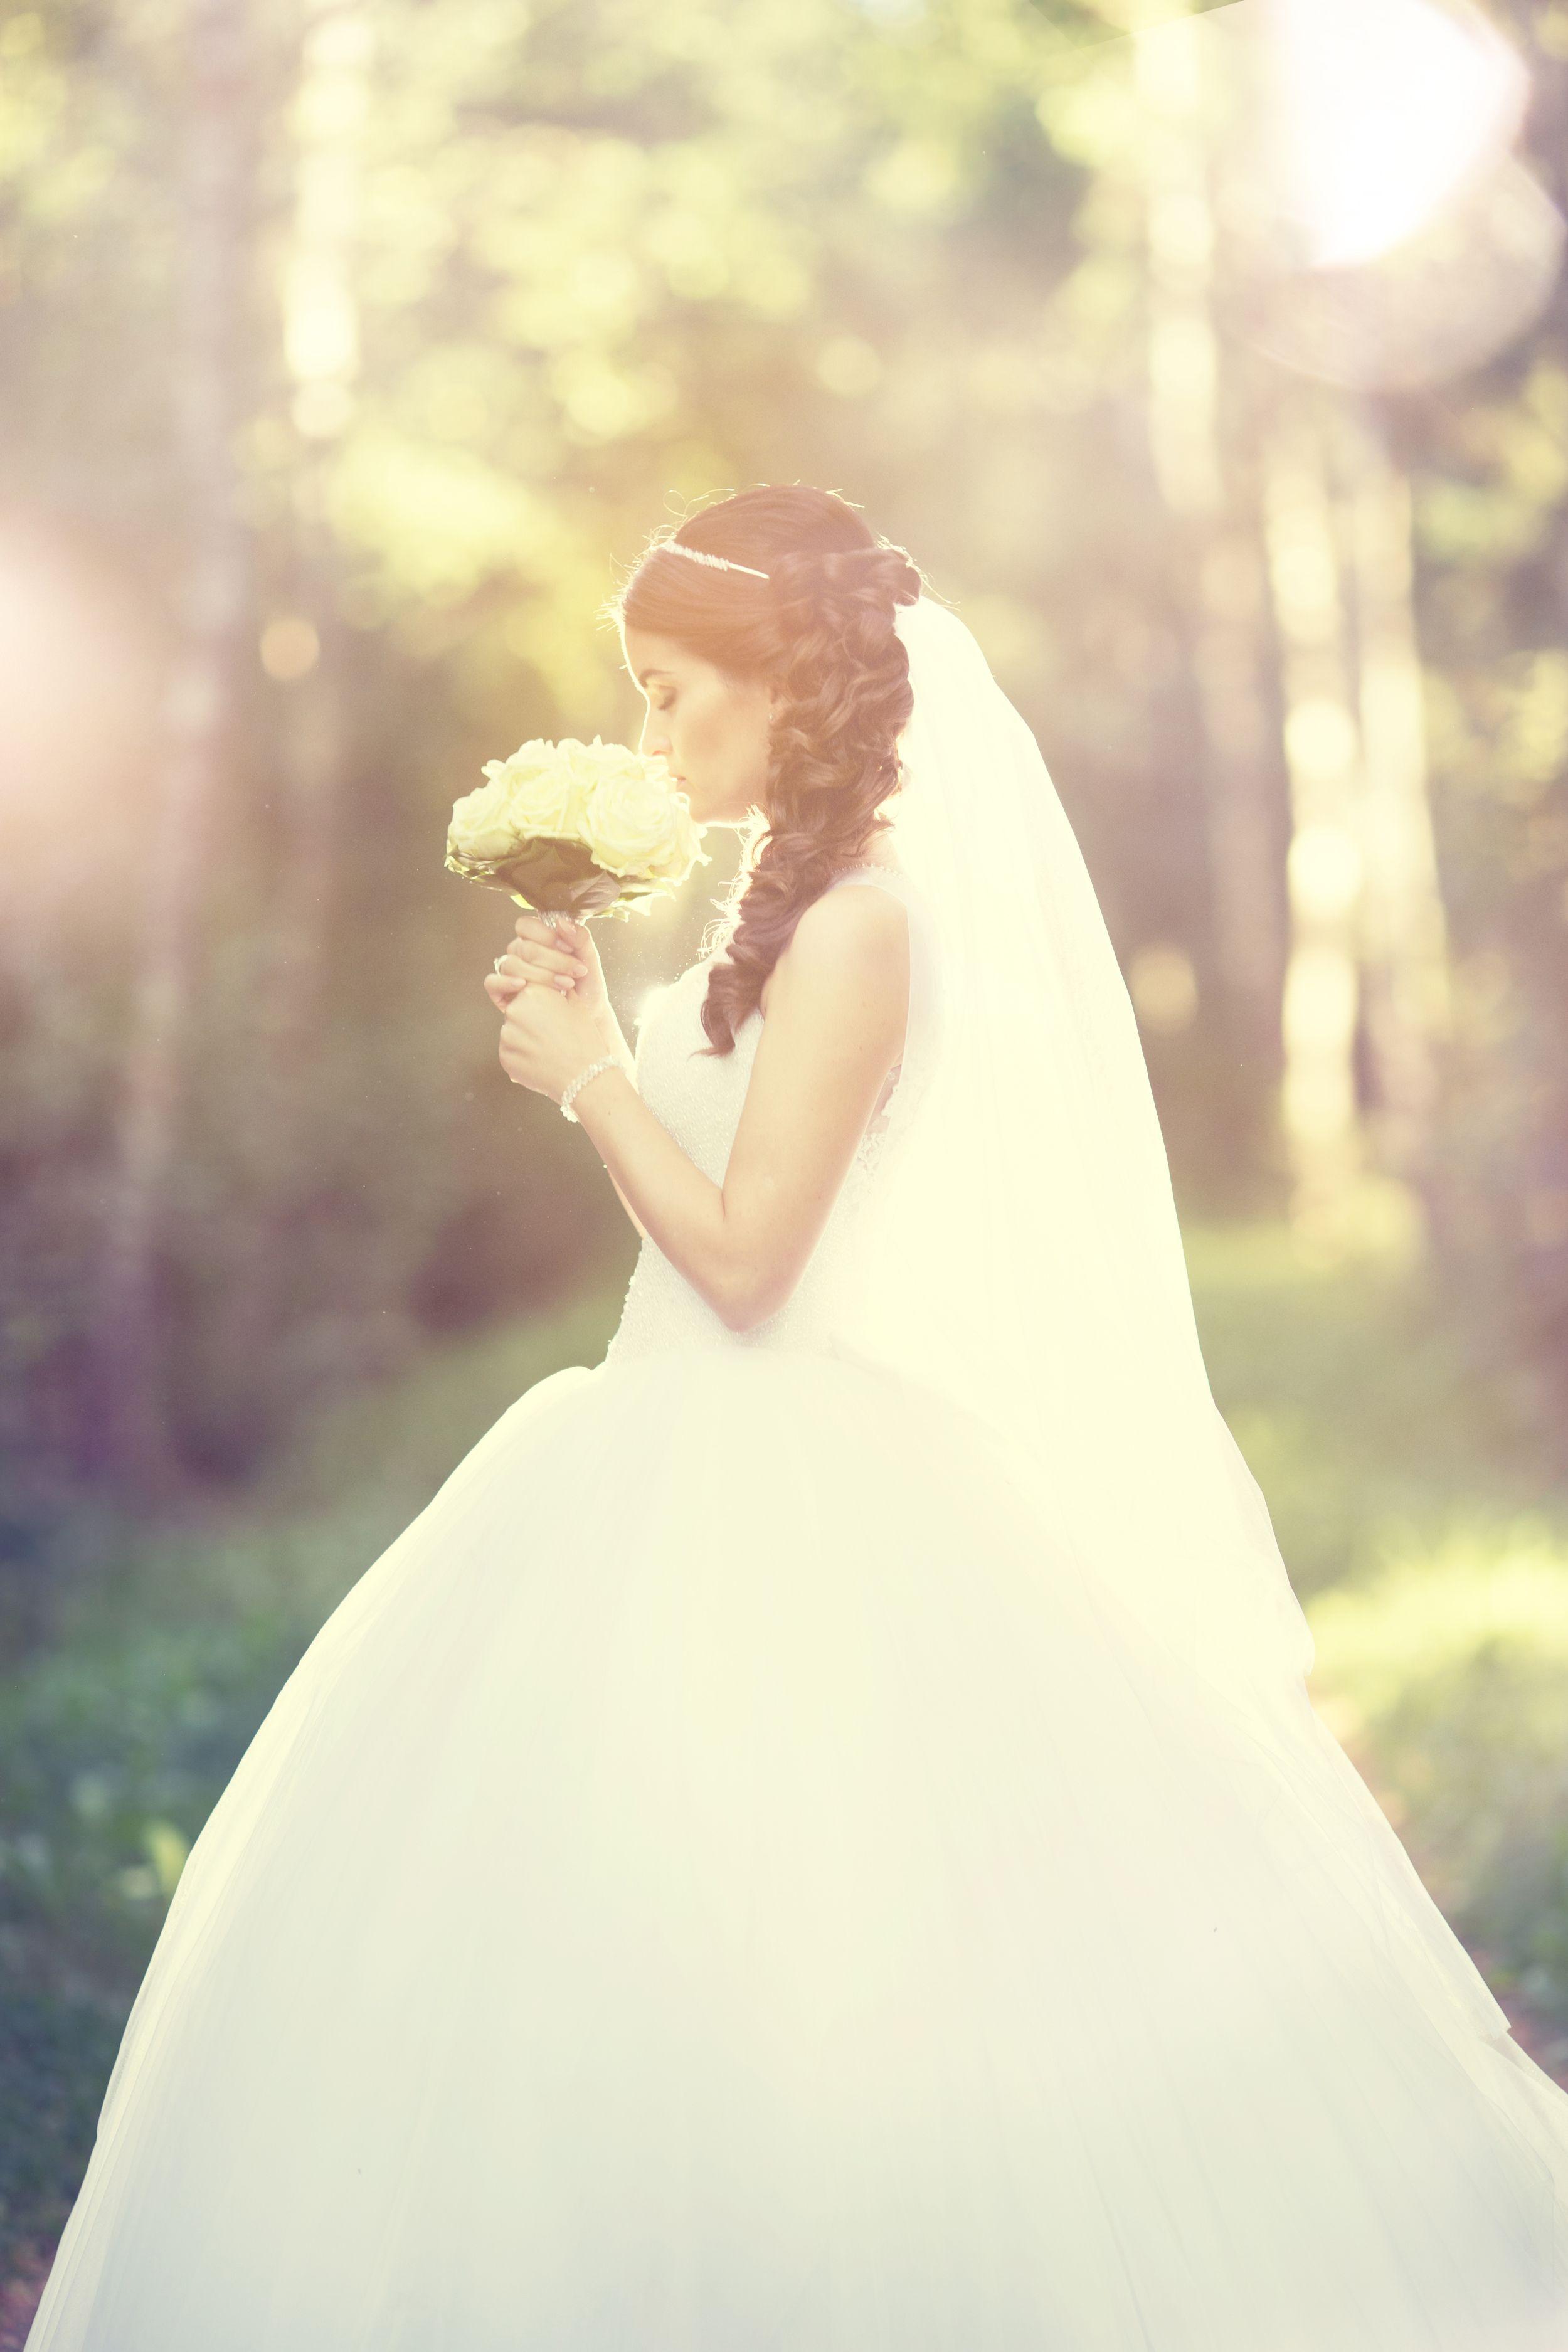 Fotoshooting Hochzeit Fotograf Hochzeit Videograf Hochzeit Heiraten in Hannover Heiraten in